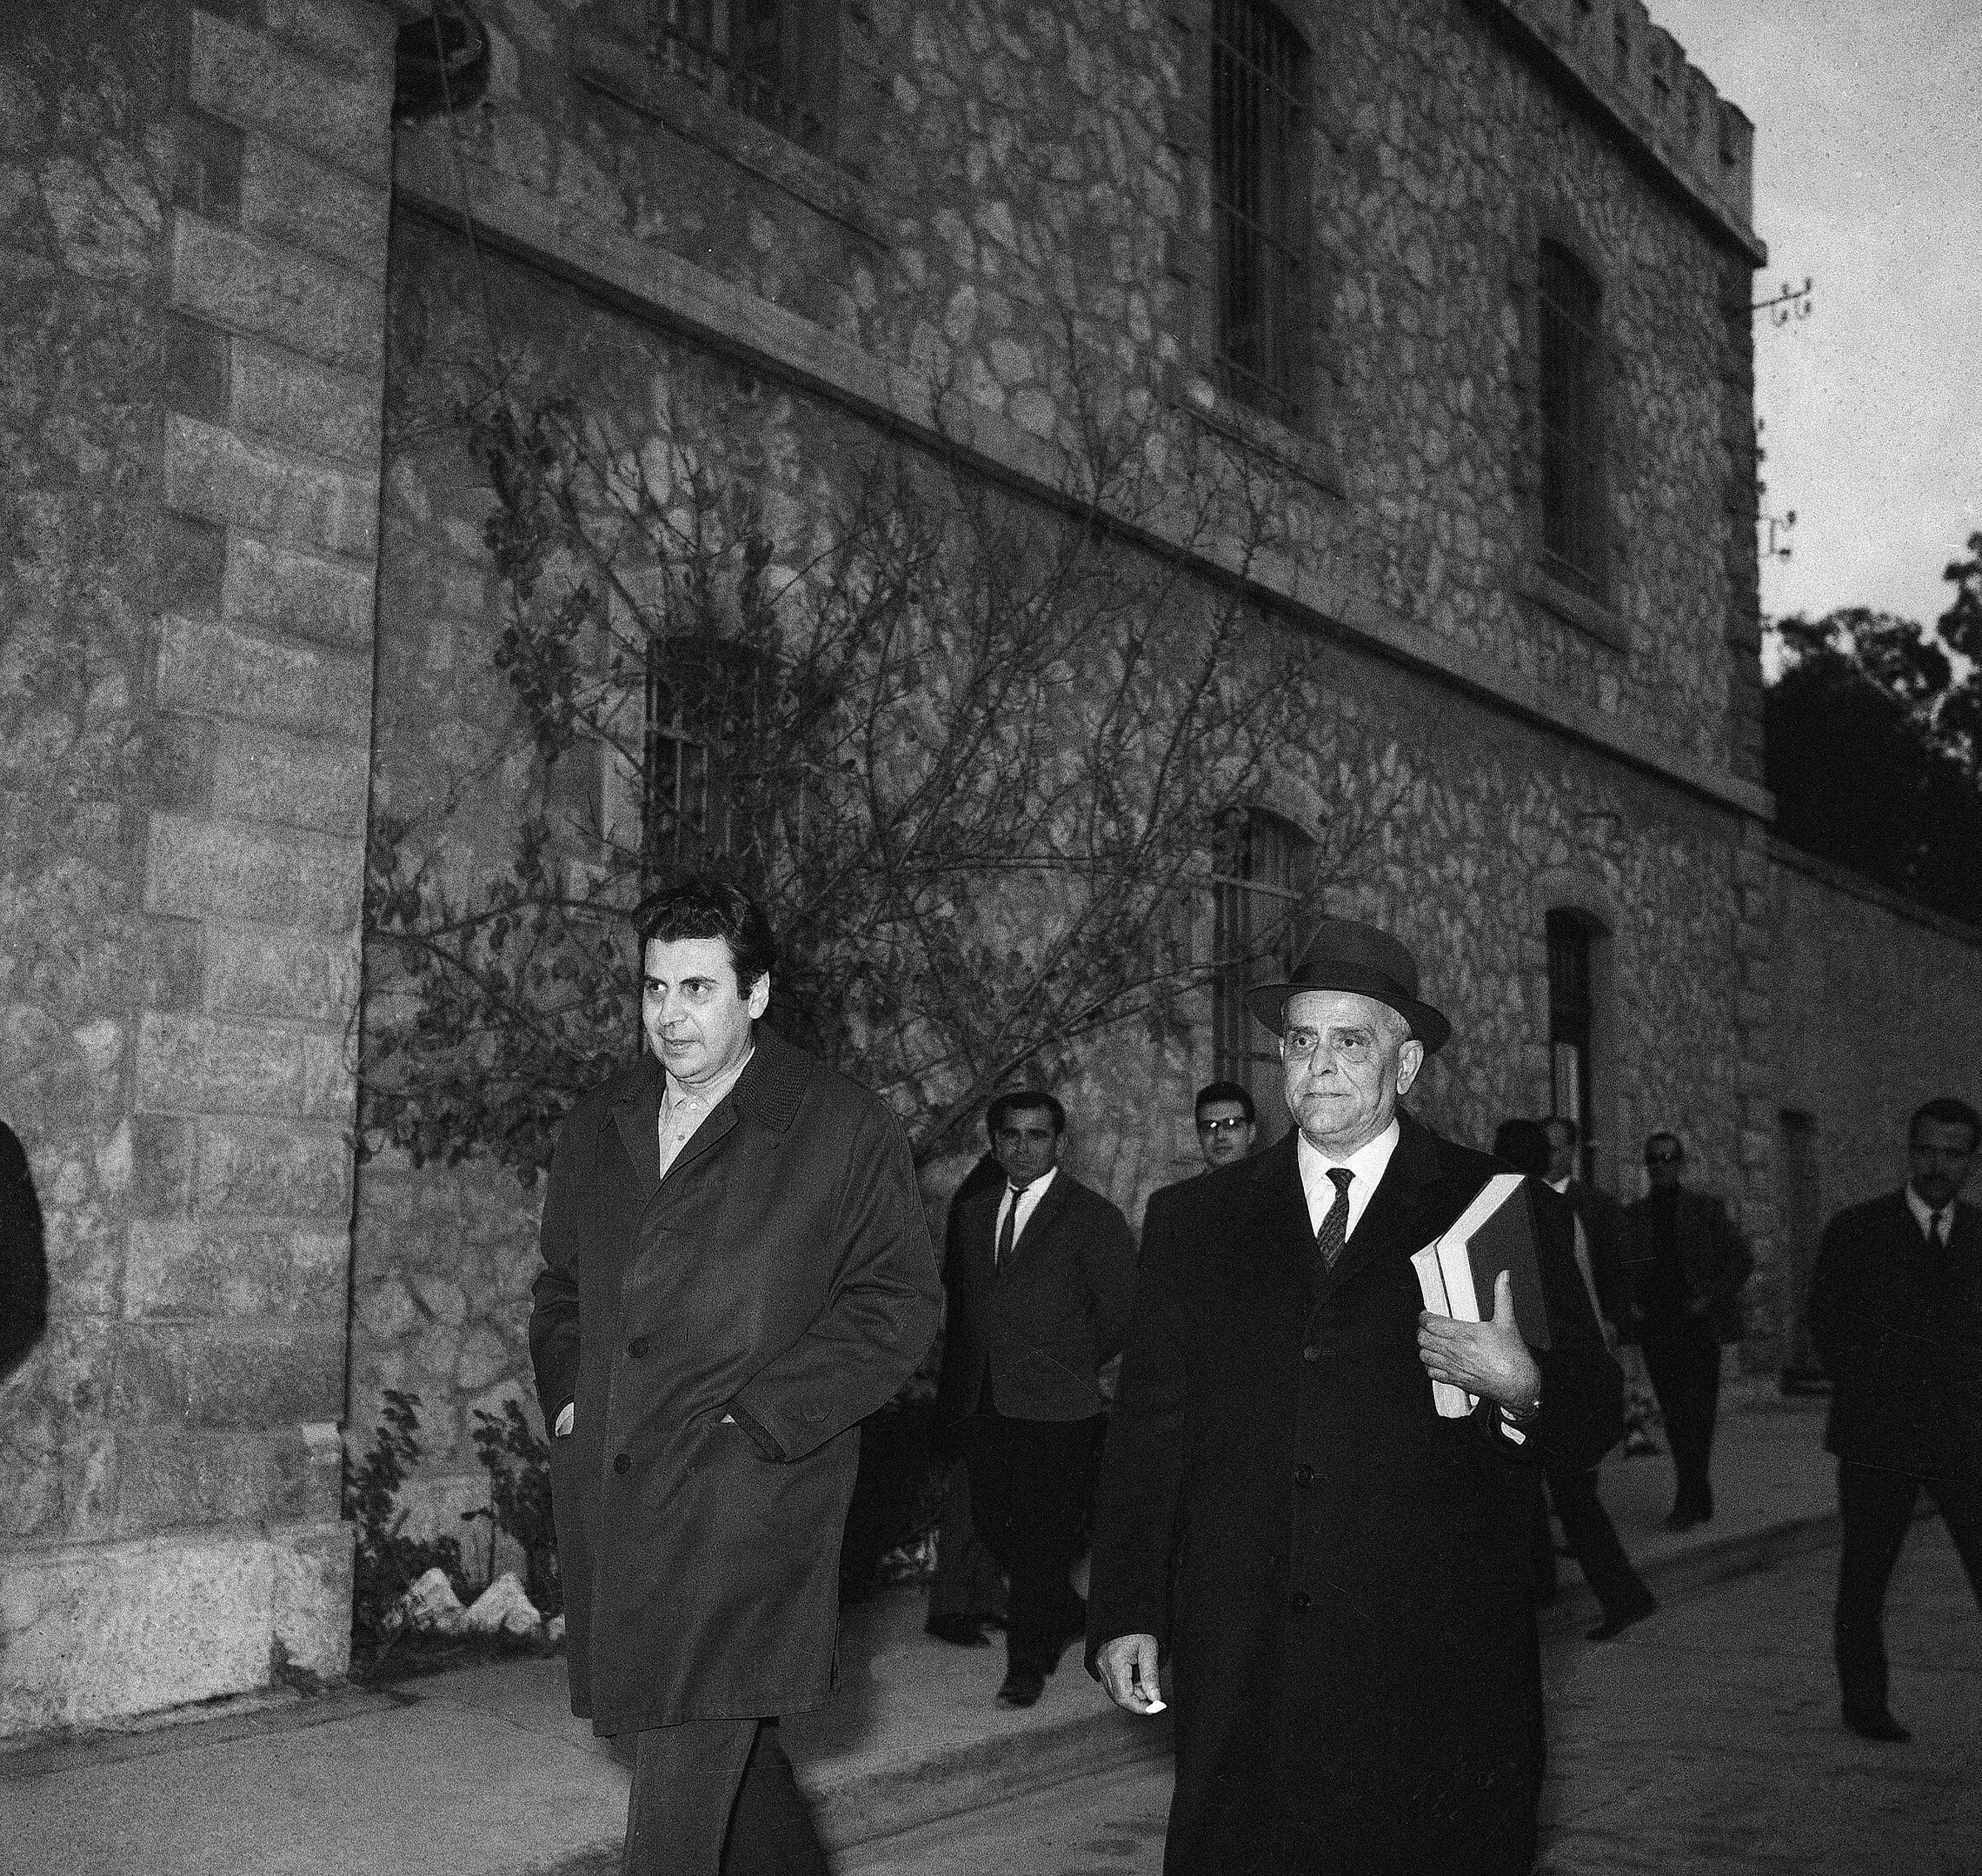 מיקיס תאודוראקיס, משמאל, נלקח למעצר בדצמבר 1967 (צילום: AP Photo)